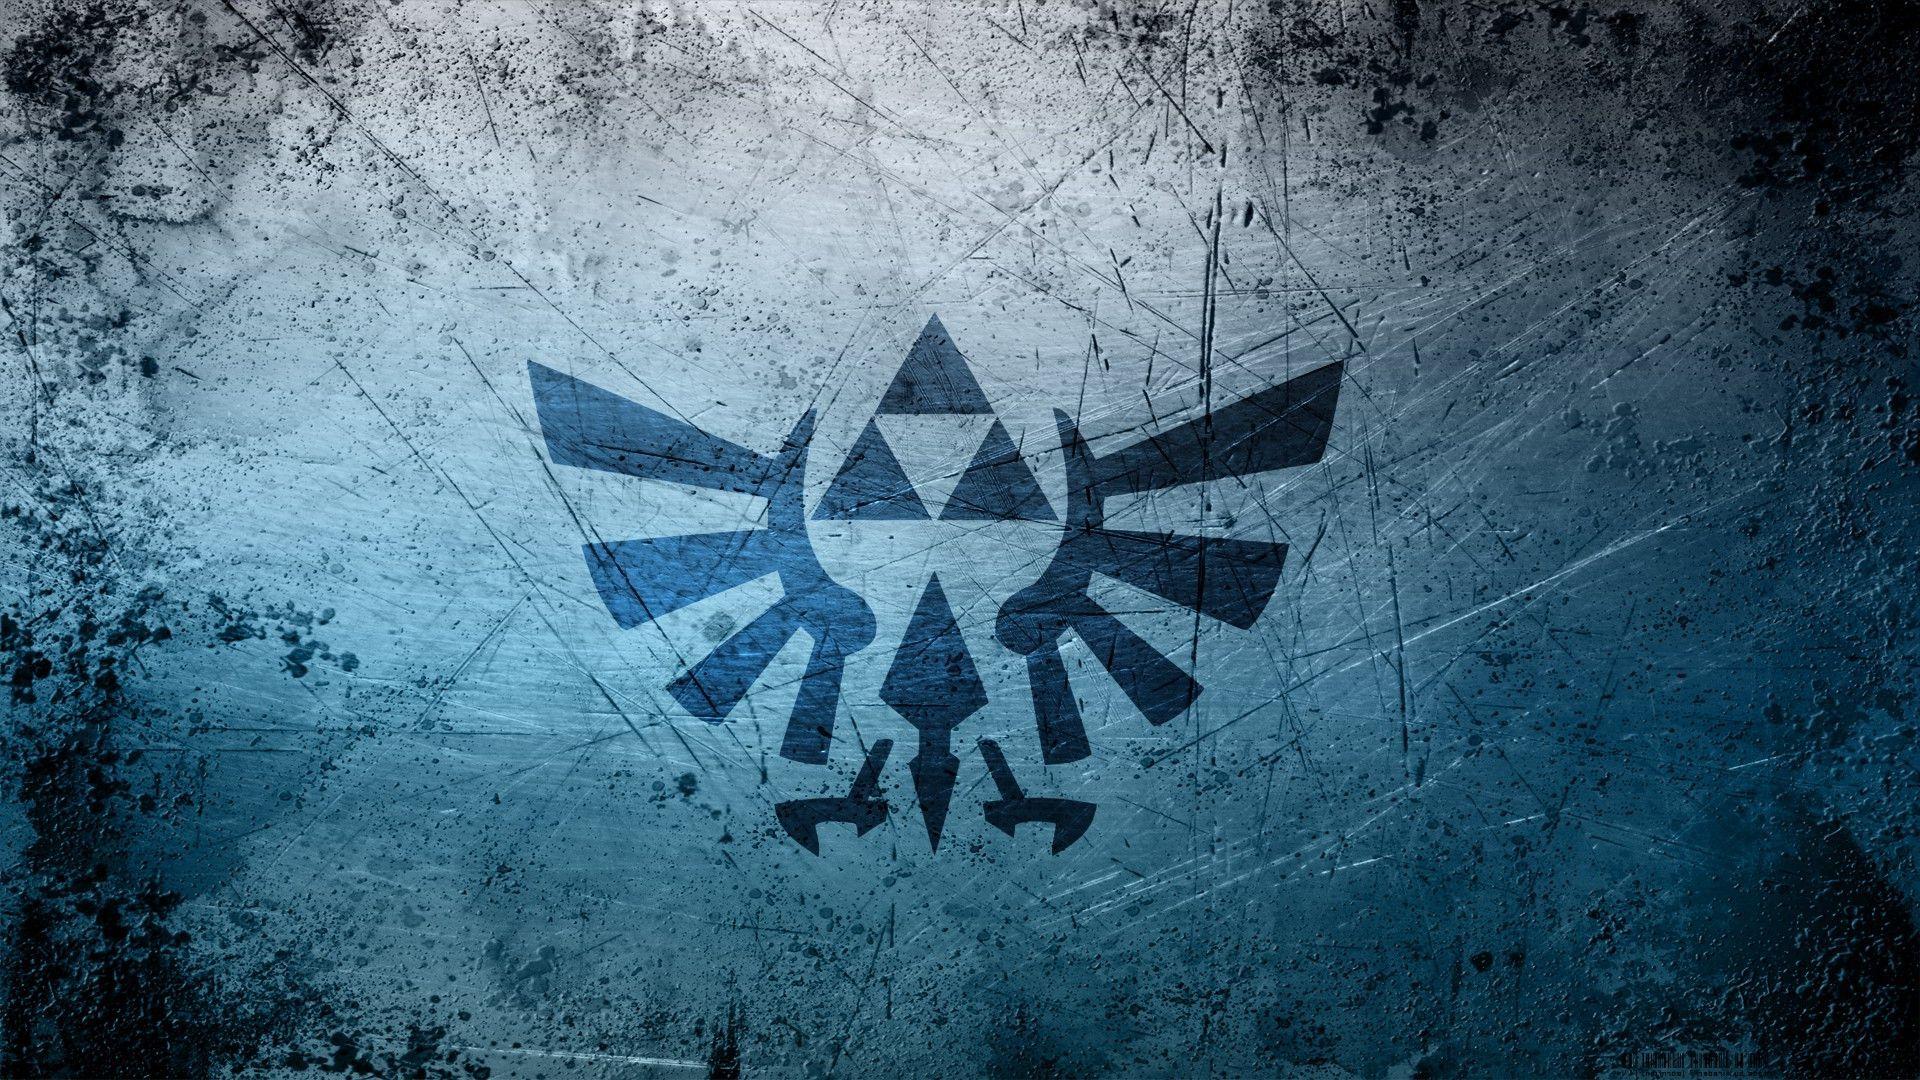 Triforce   The Legend of Zelda Wallpaper 1920x1080